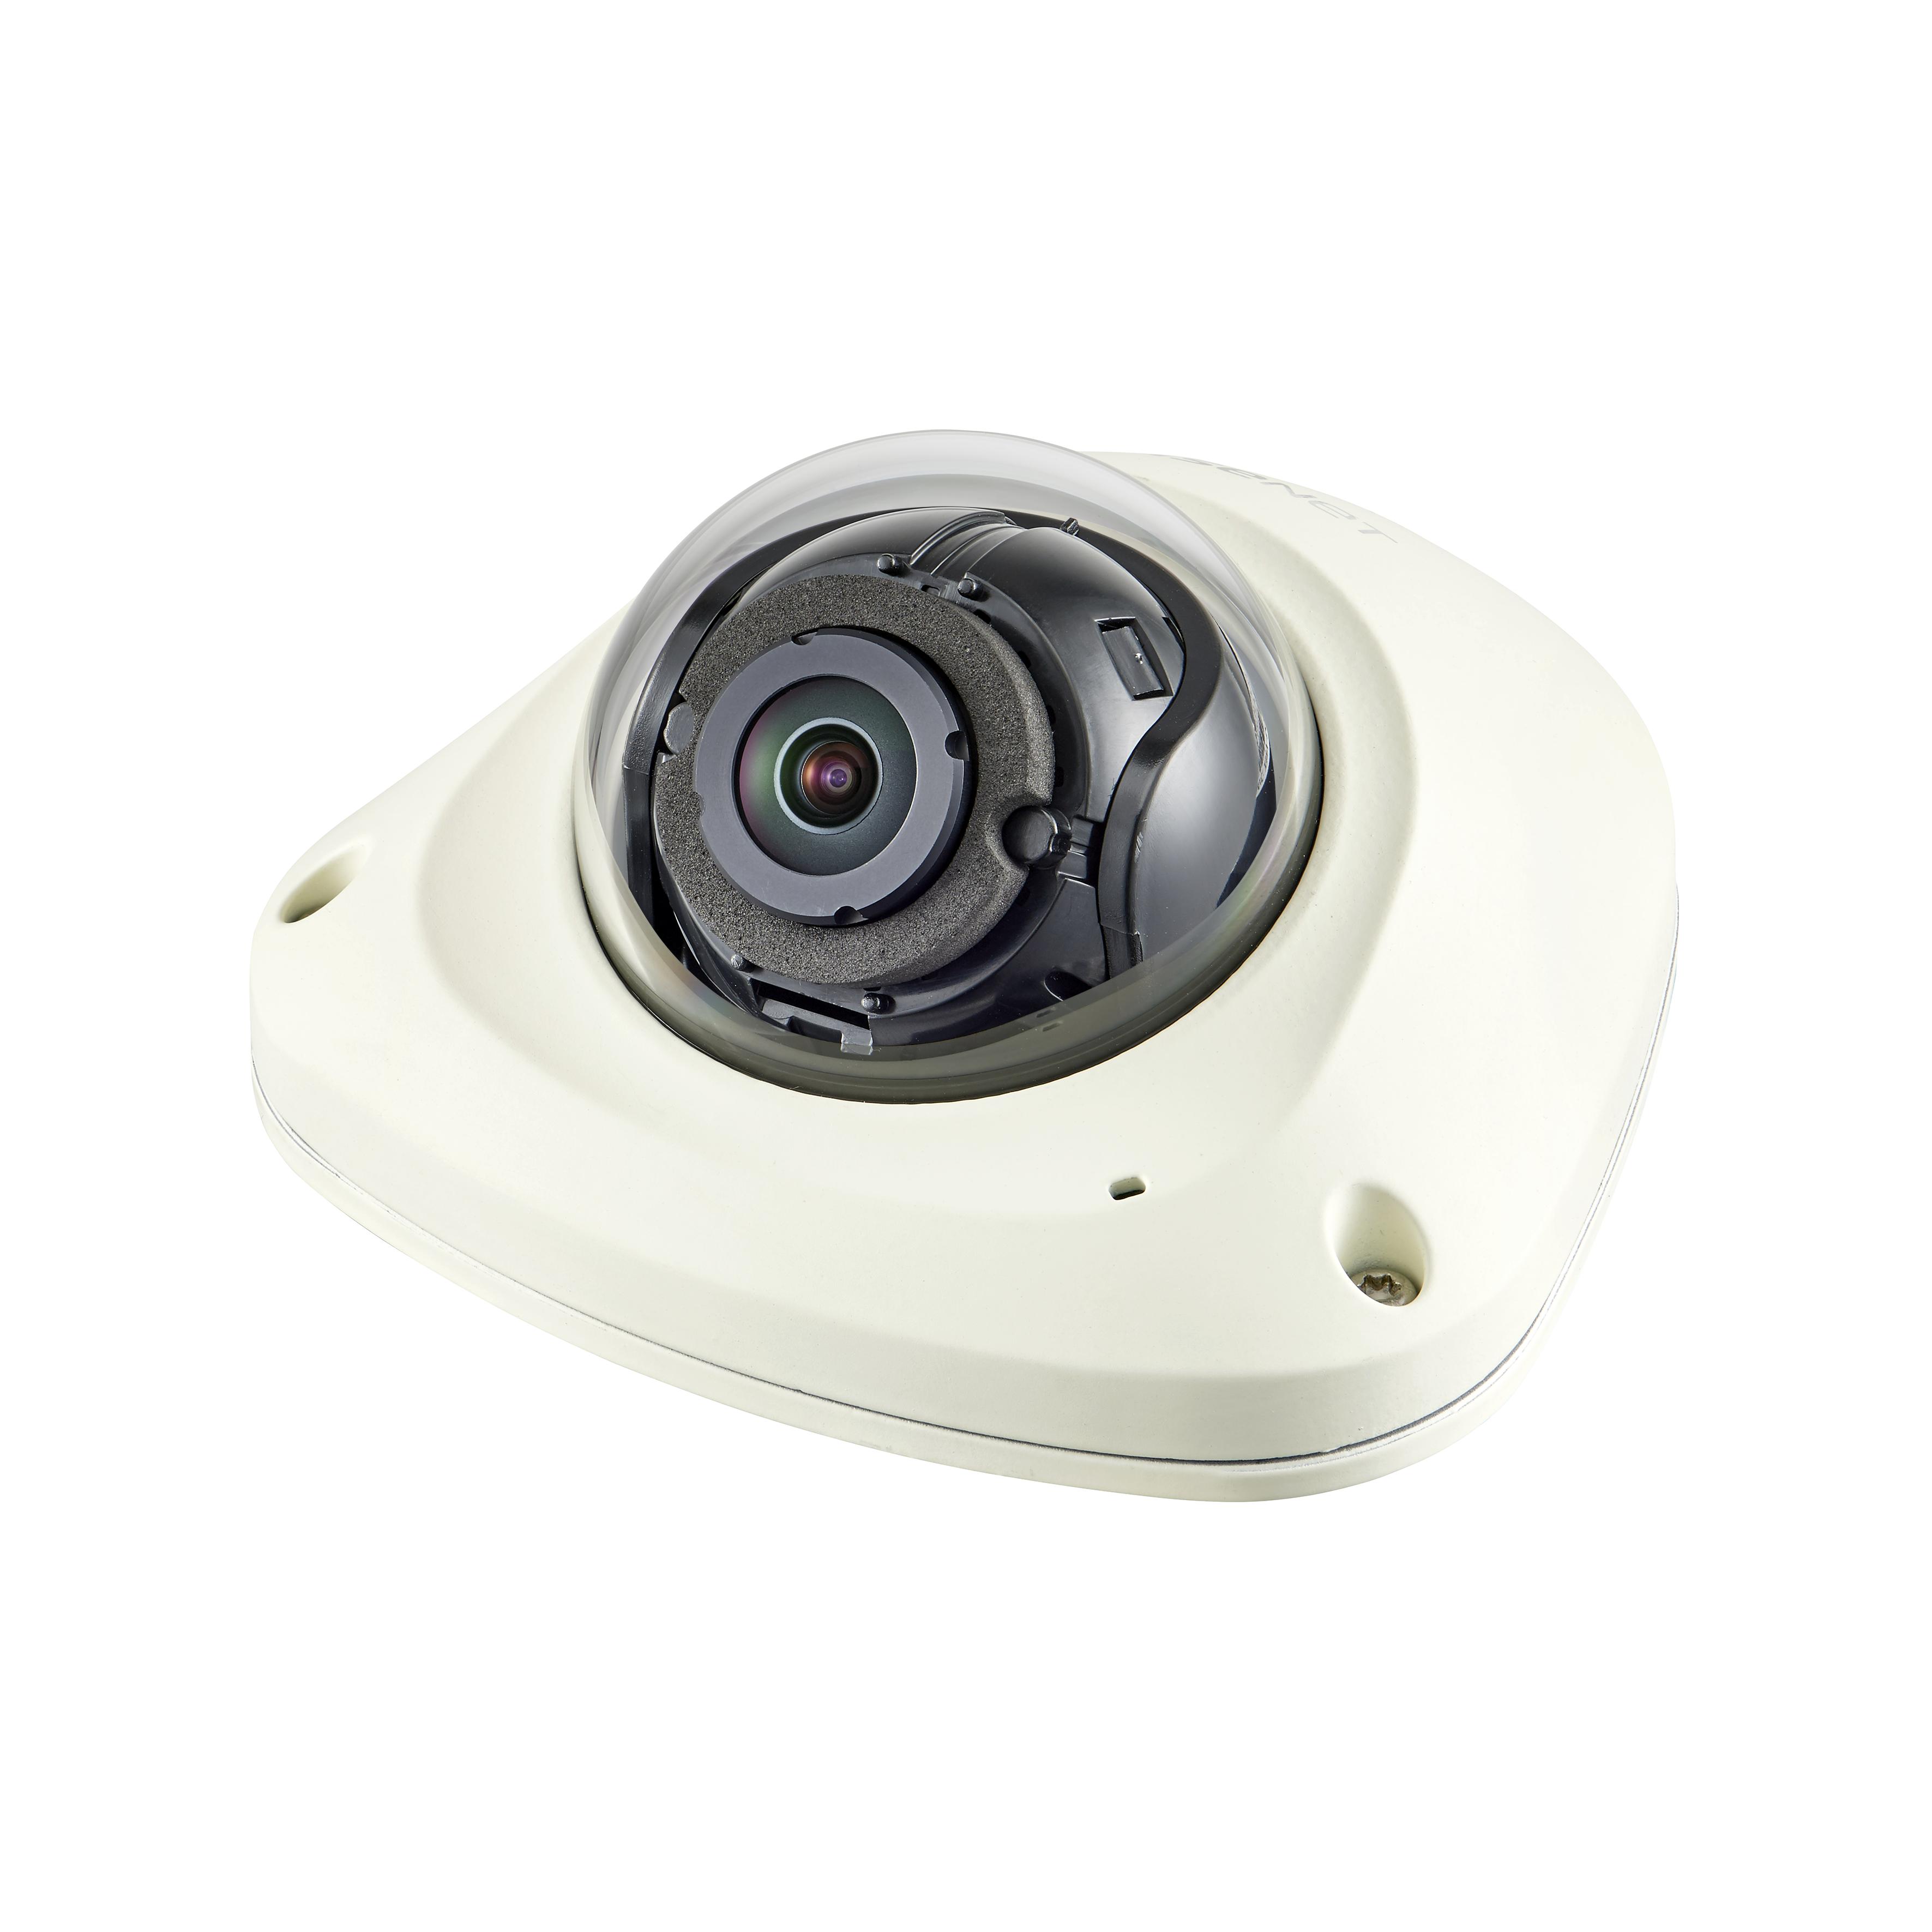 Kamera sieciowa 2MP mobilna płaska wandaloodporna